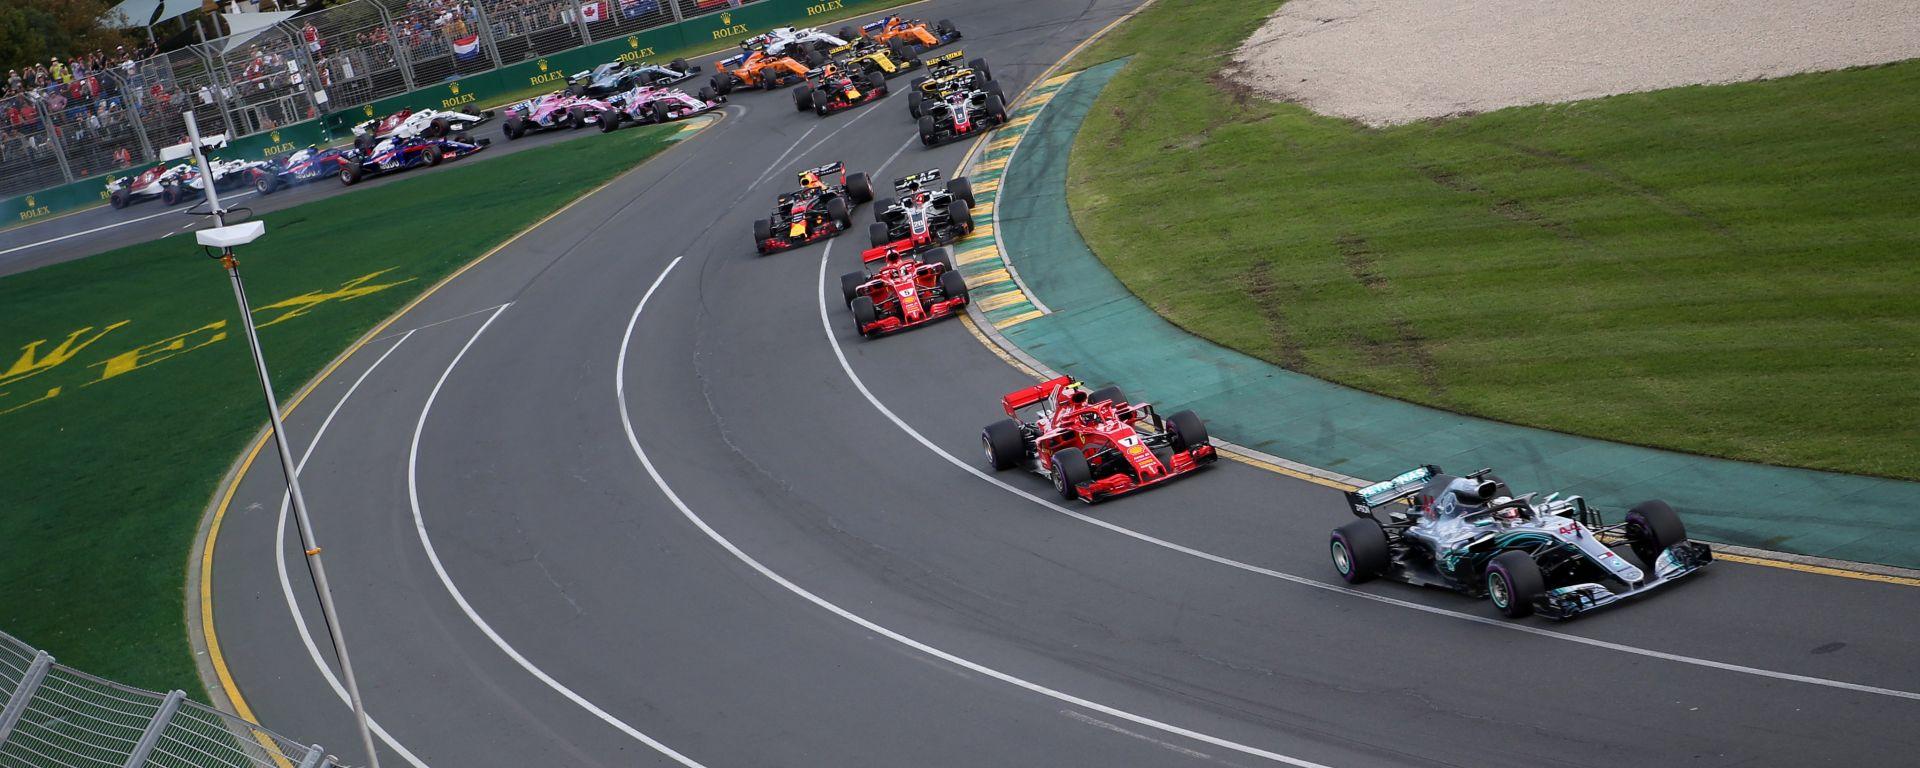 La partenza del GP Australia F1 2018